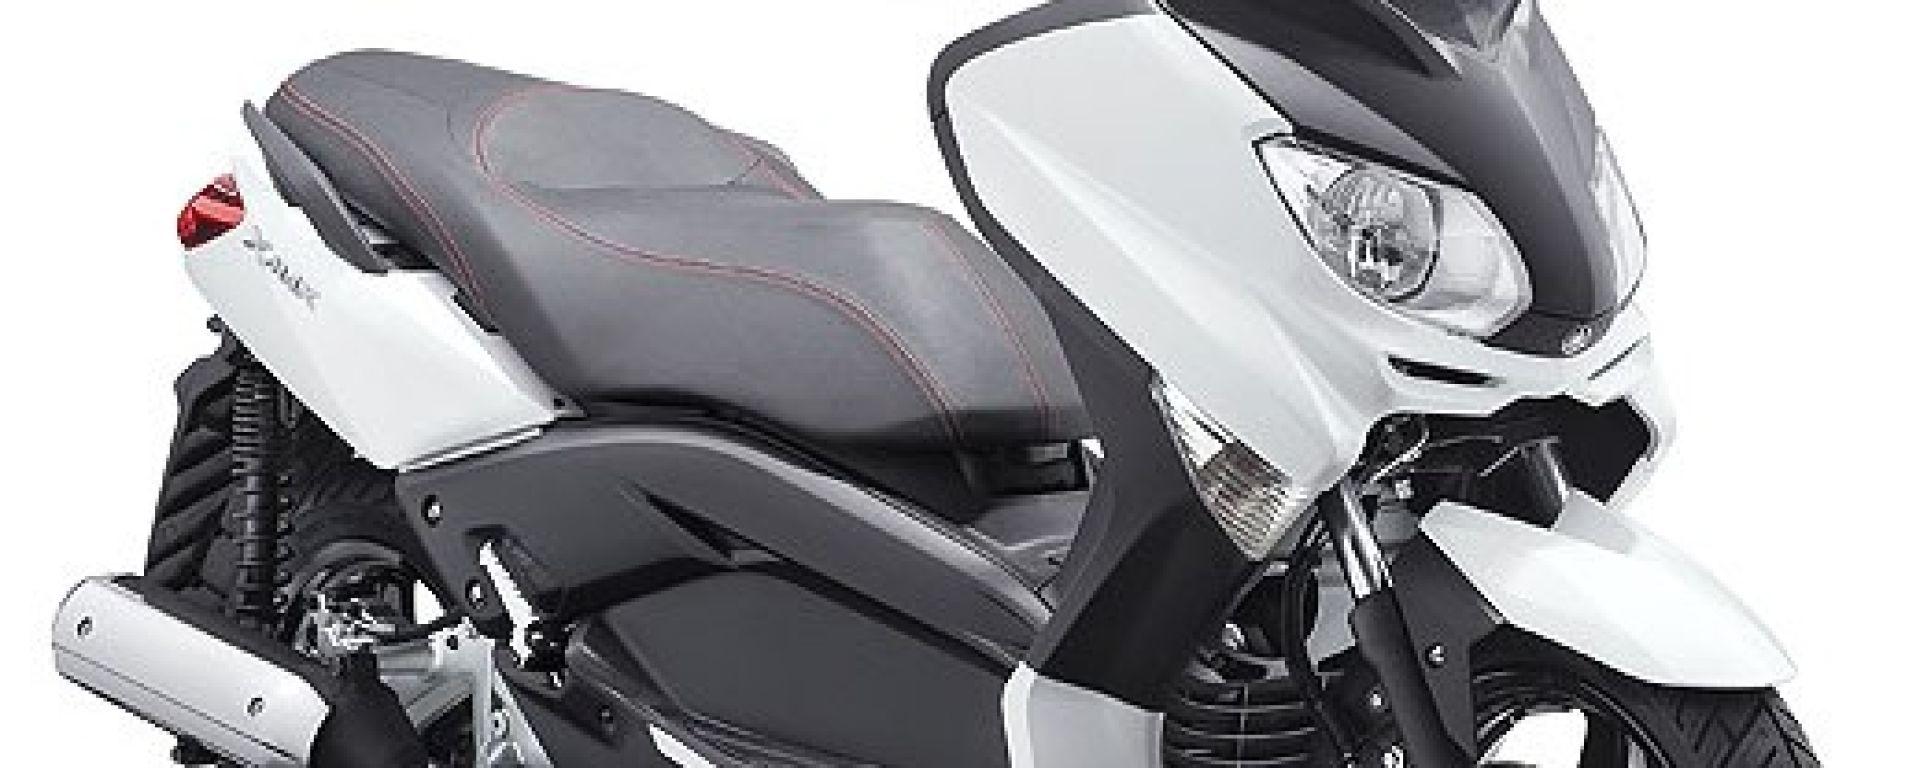 Yamaha XMax 2010